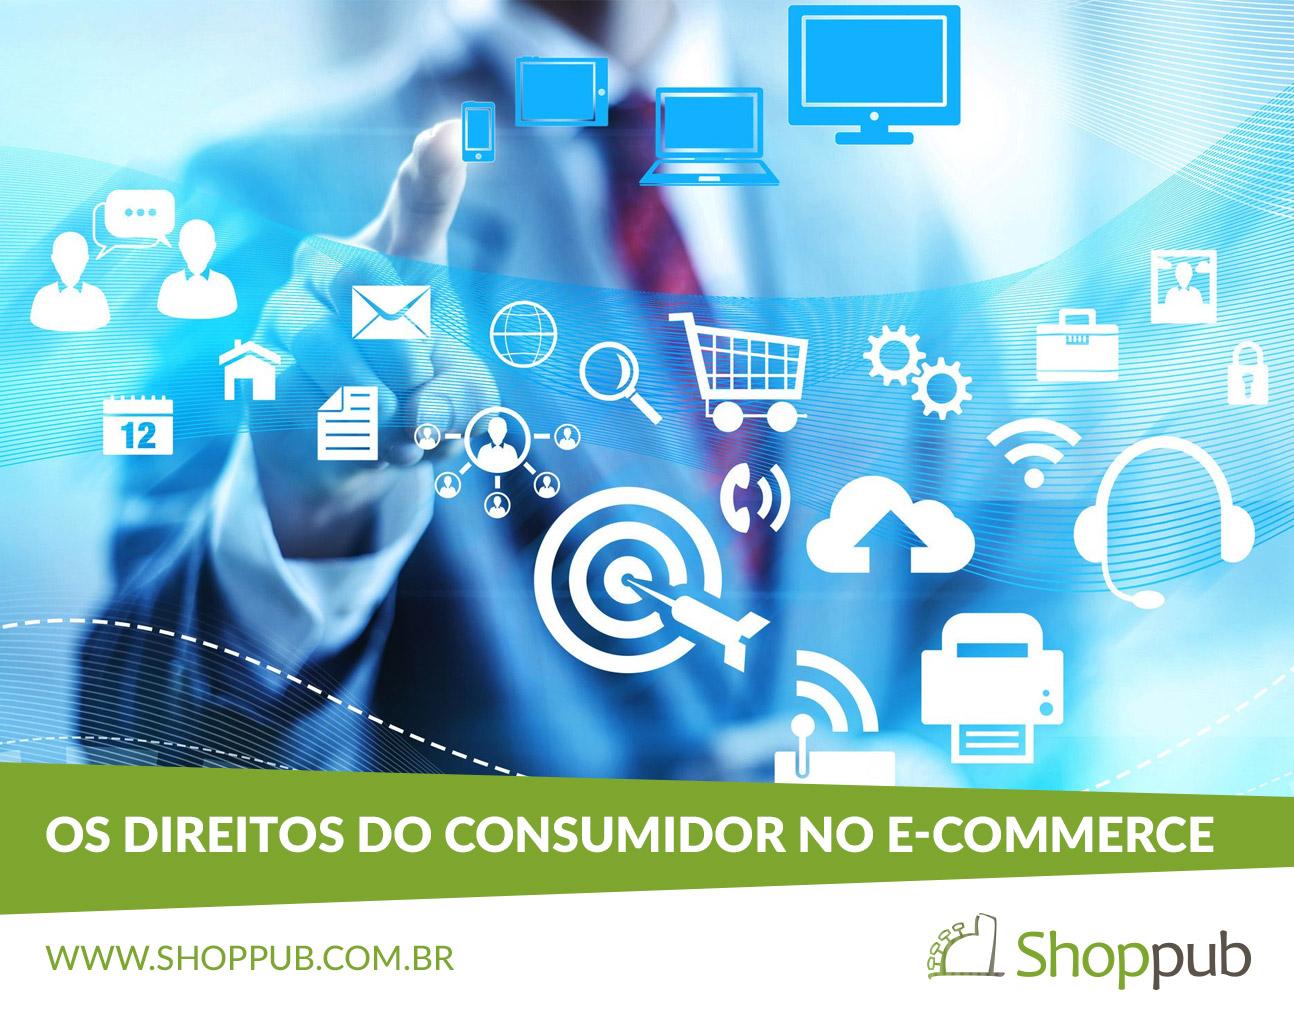 Os direitos do consumidor no e-commerce